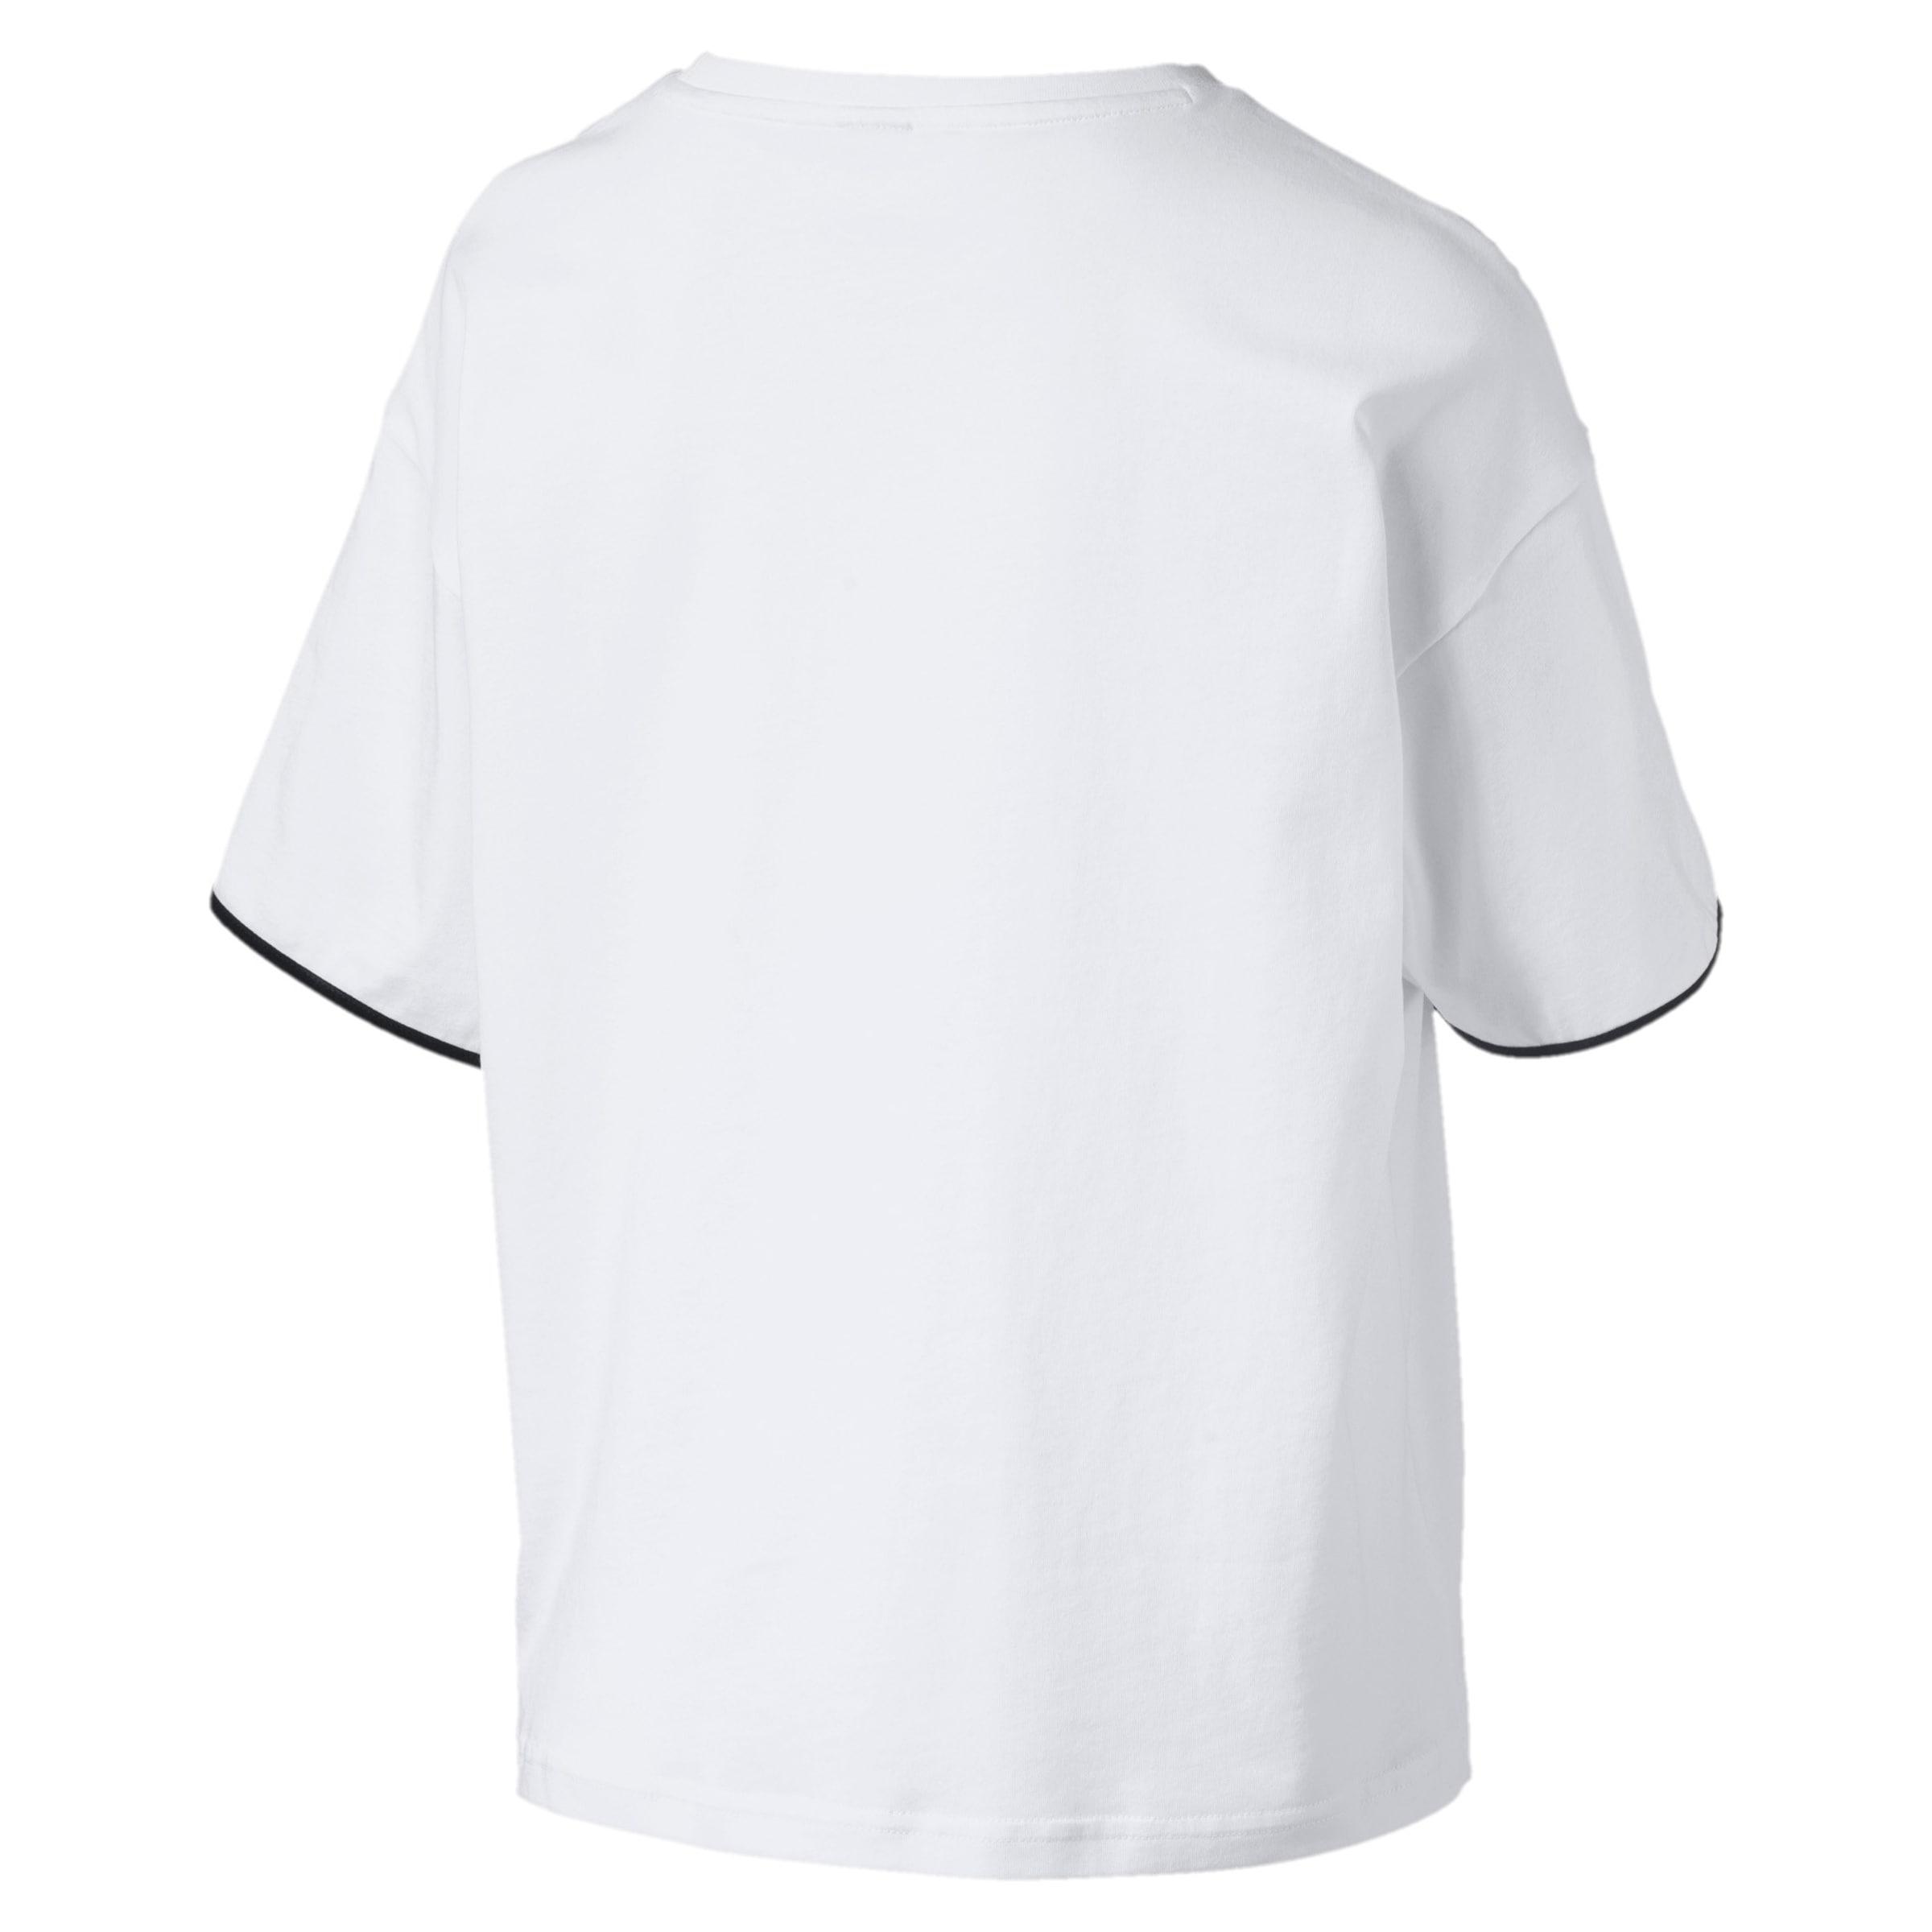 shirt Blanc JauneNoir En Puma T nv08wNOm